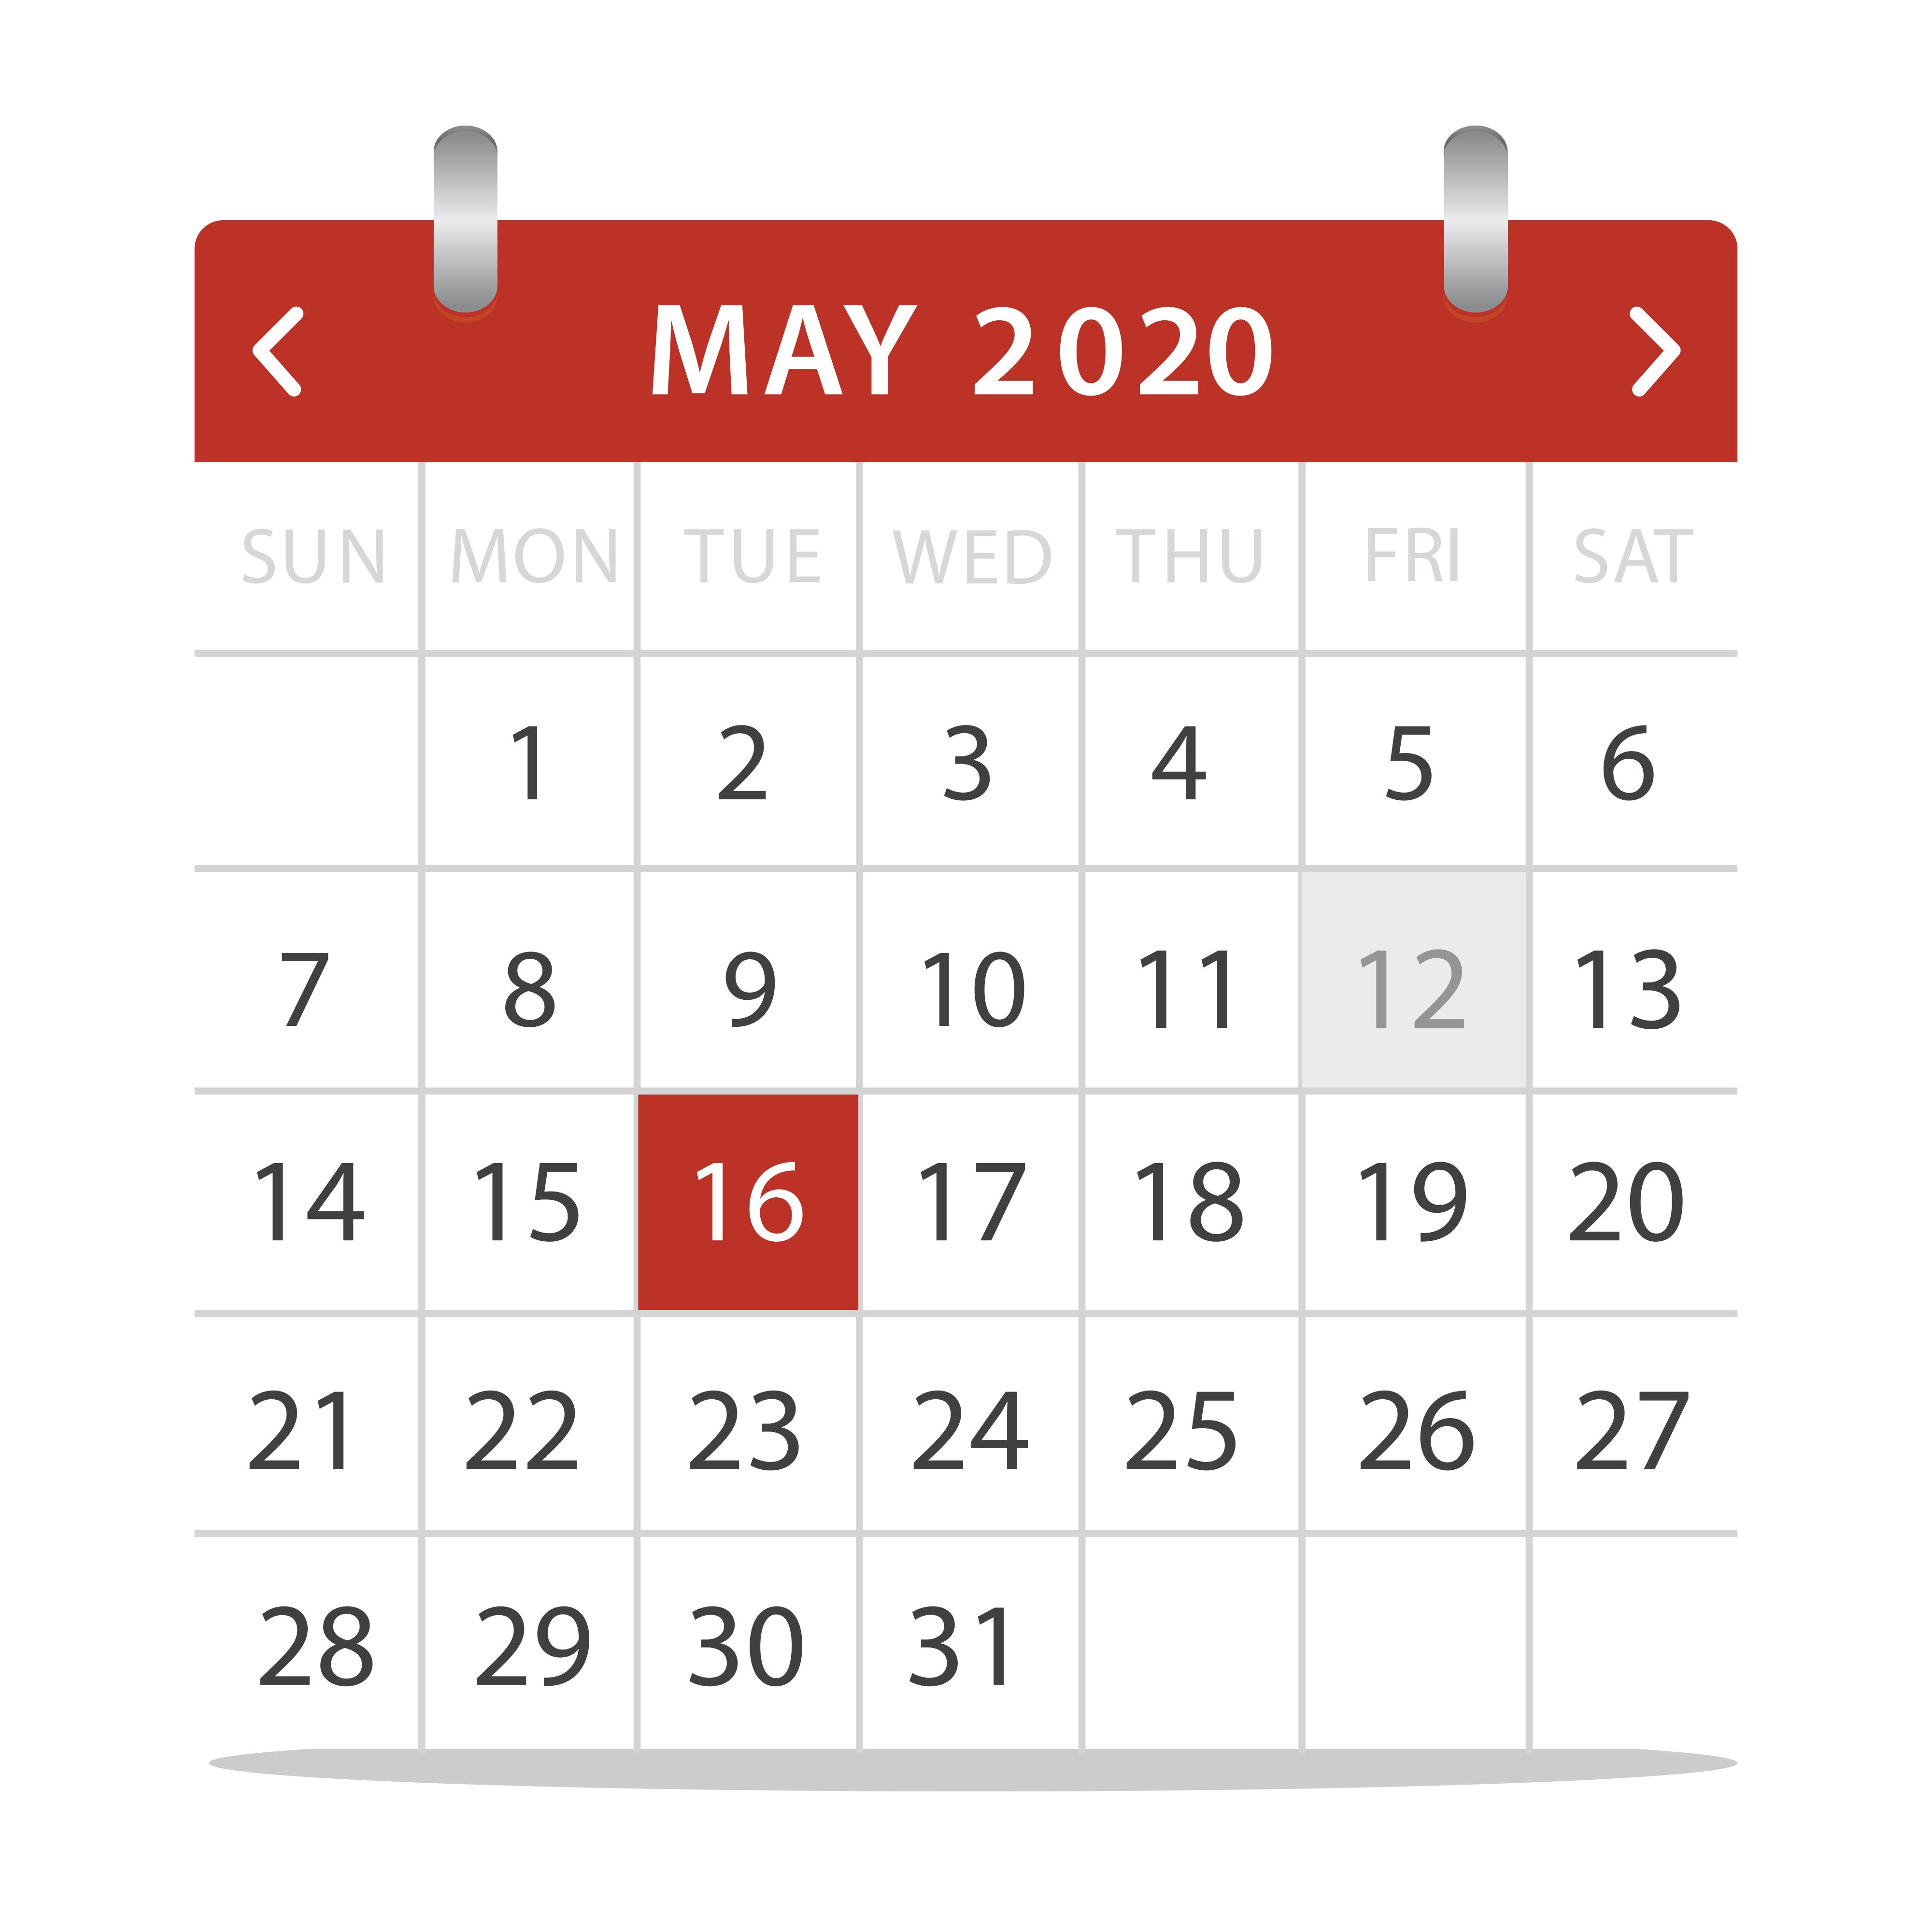 How to share your Google Calendar